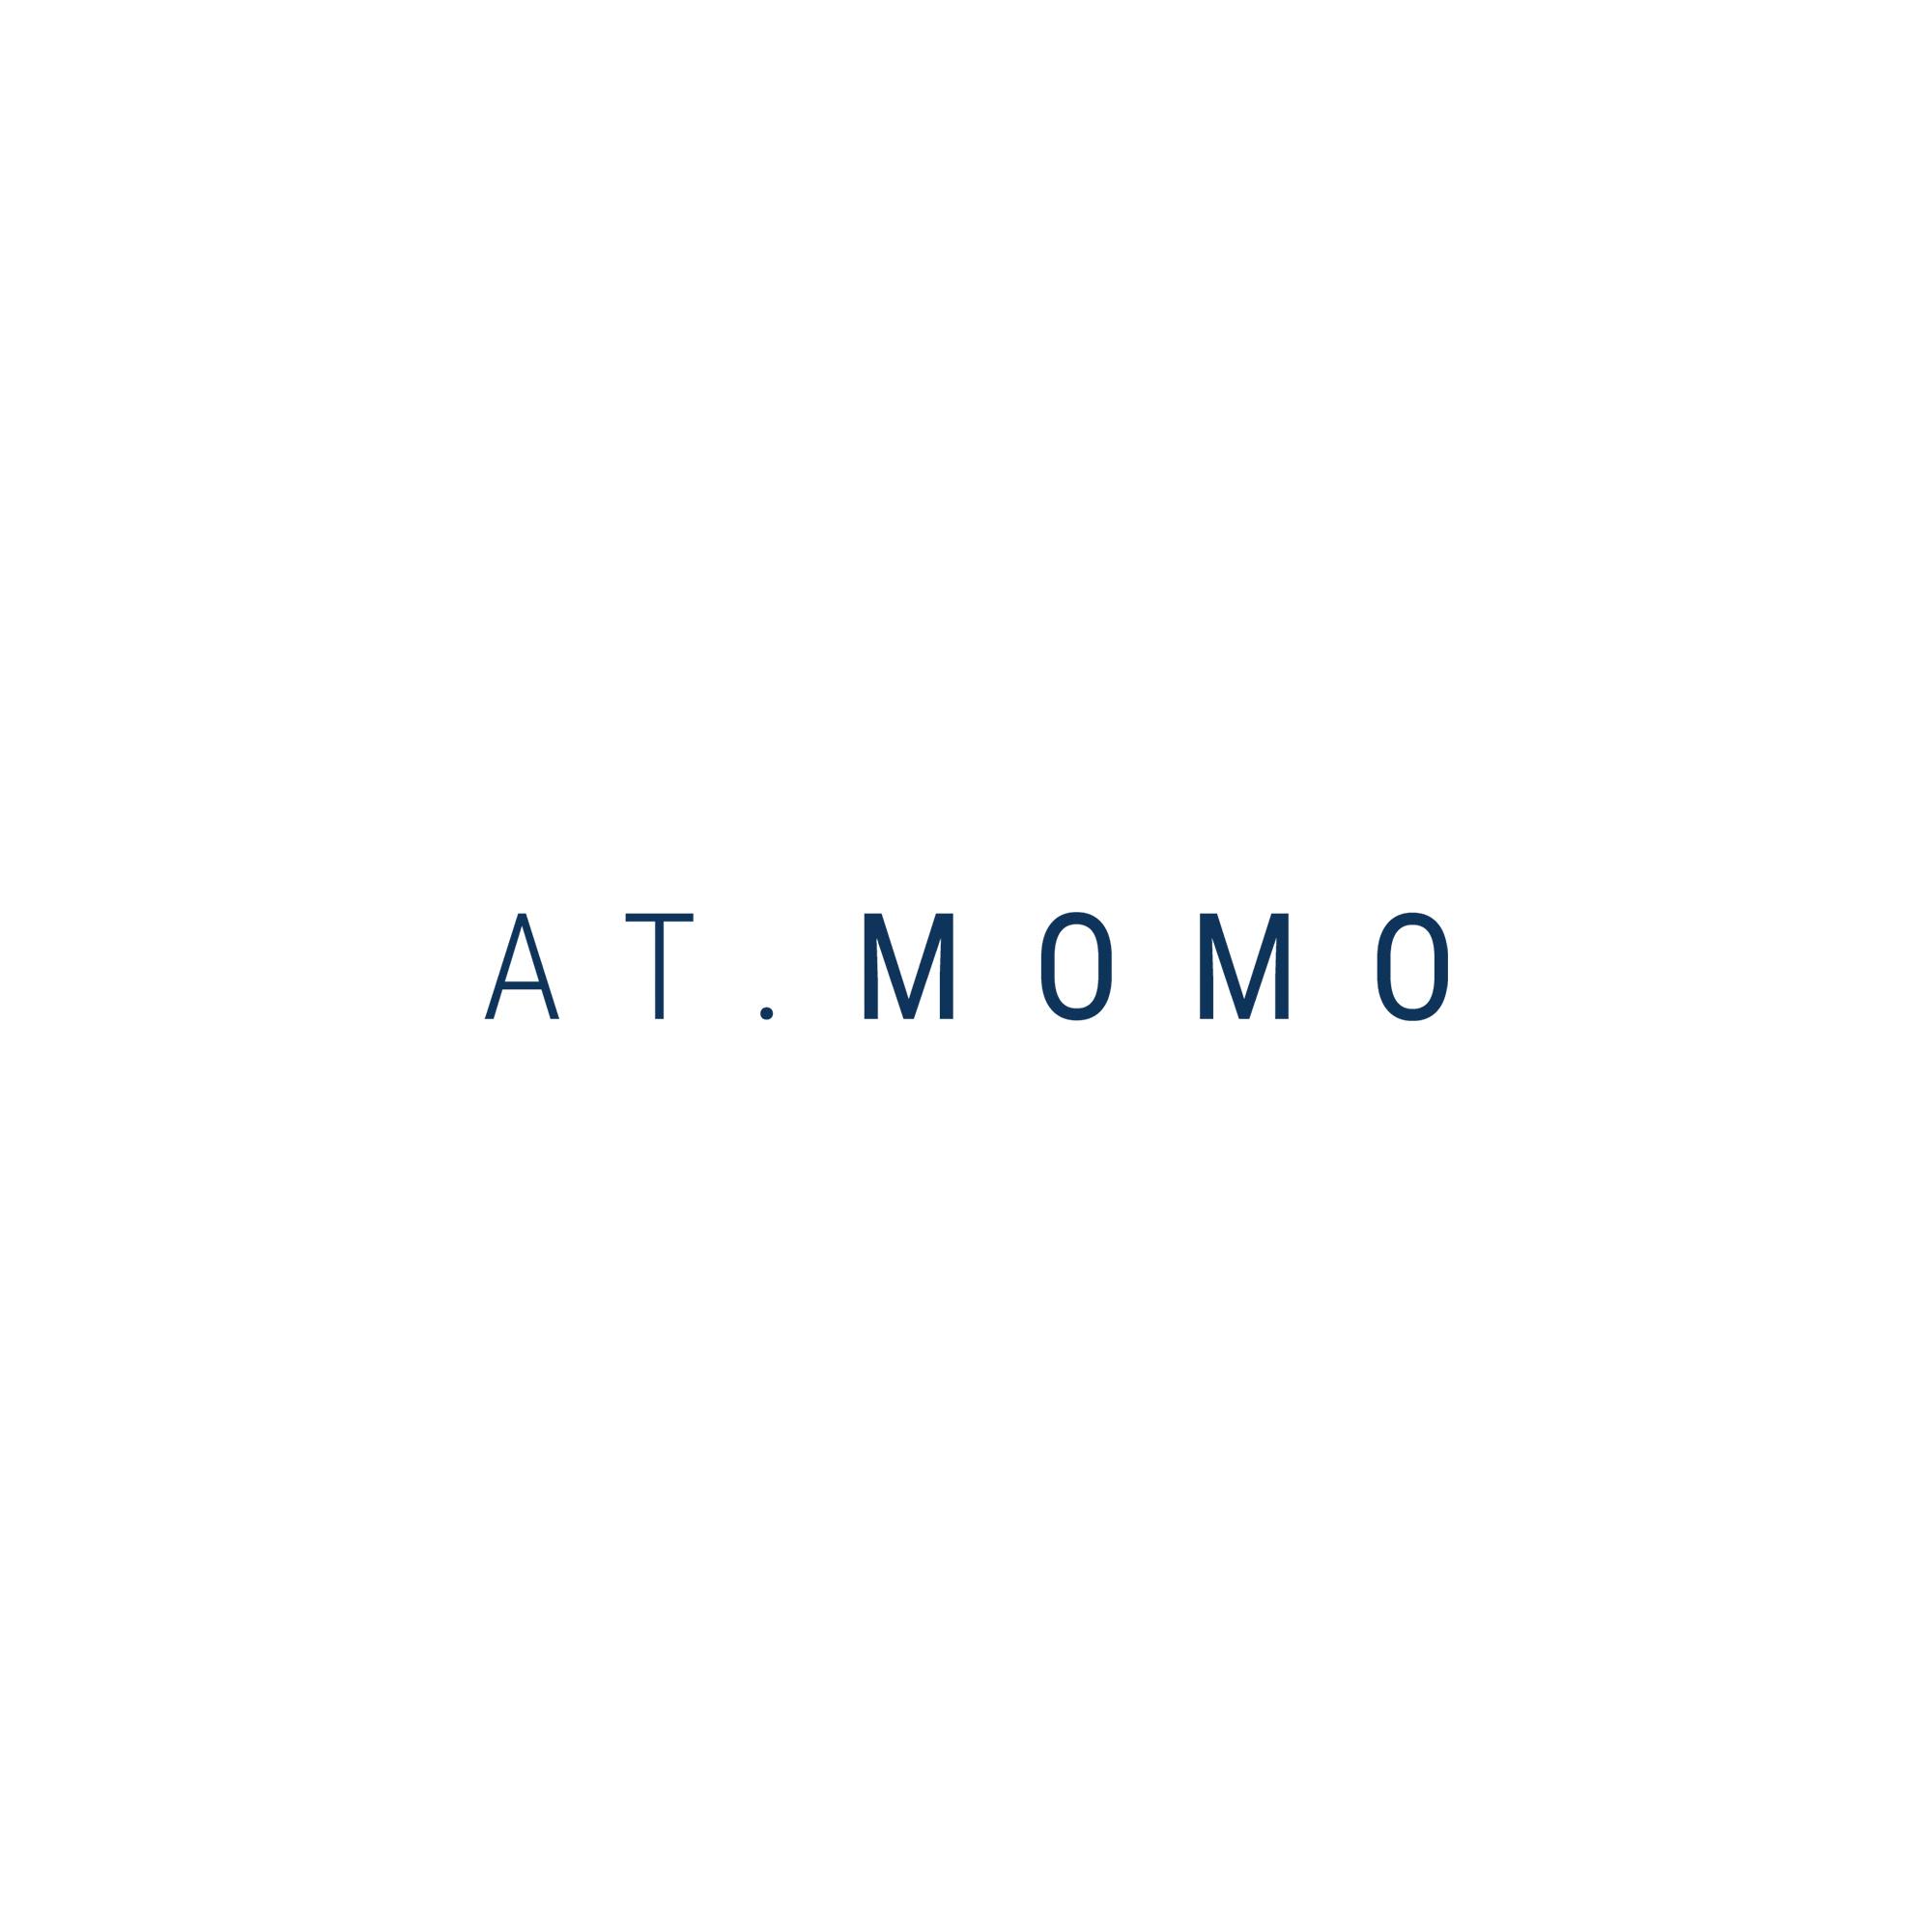 ATMOMO-insta-Logo-3